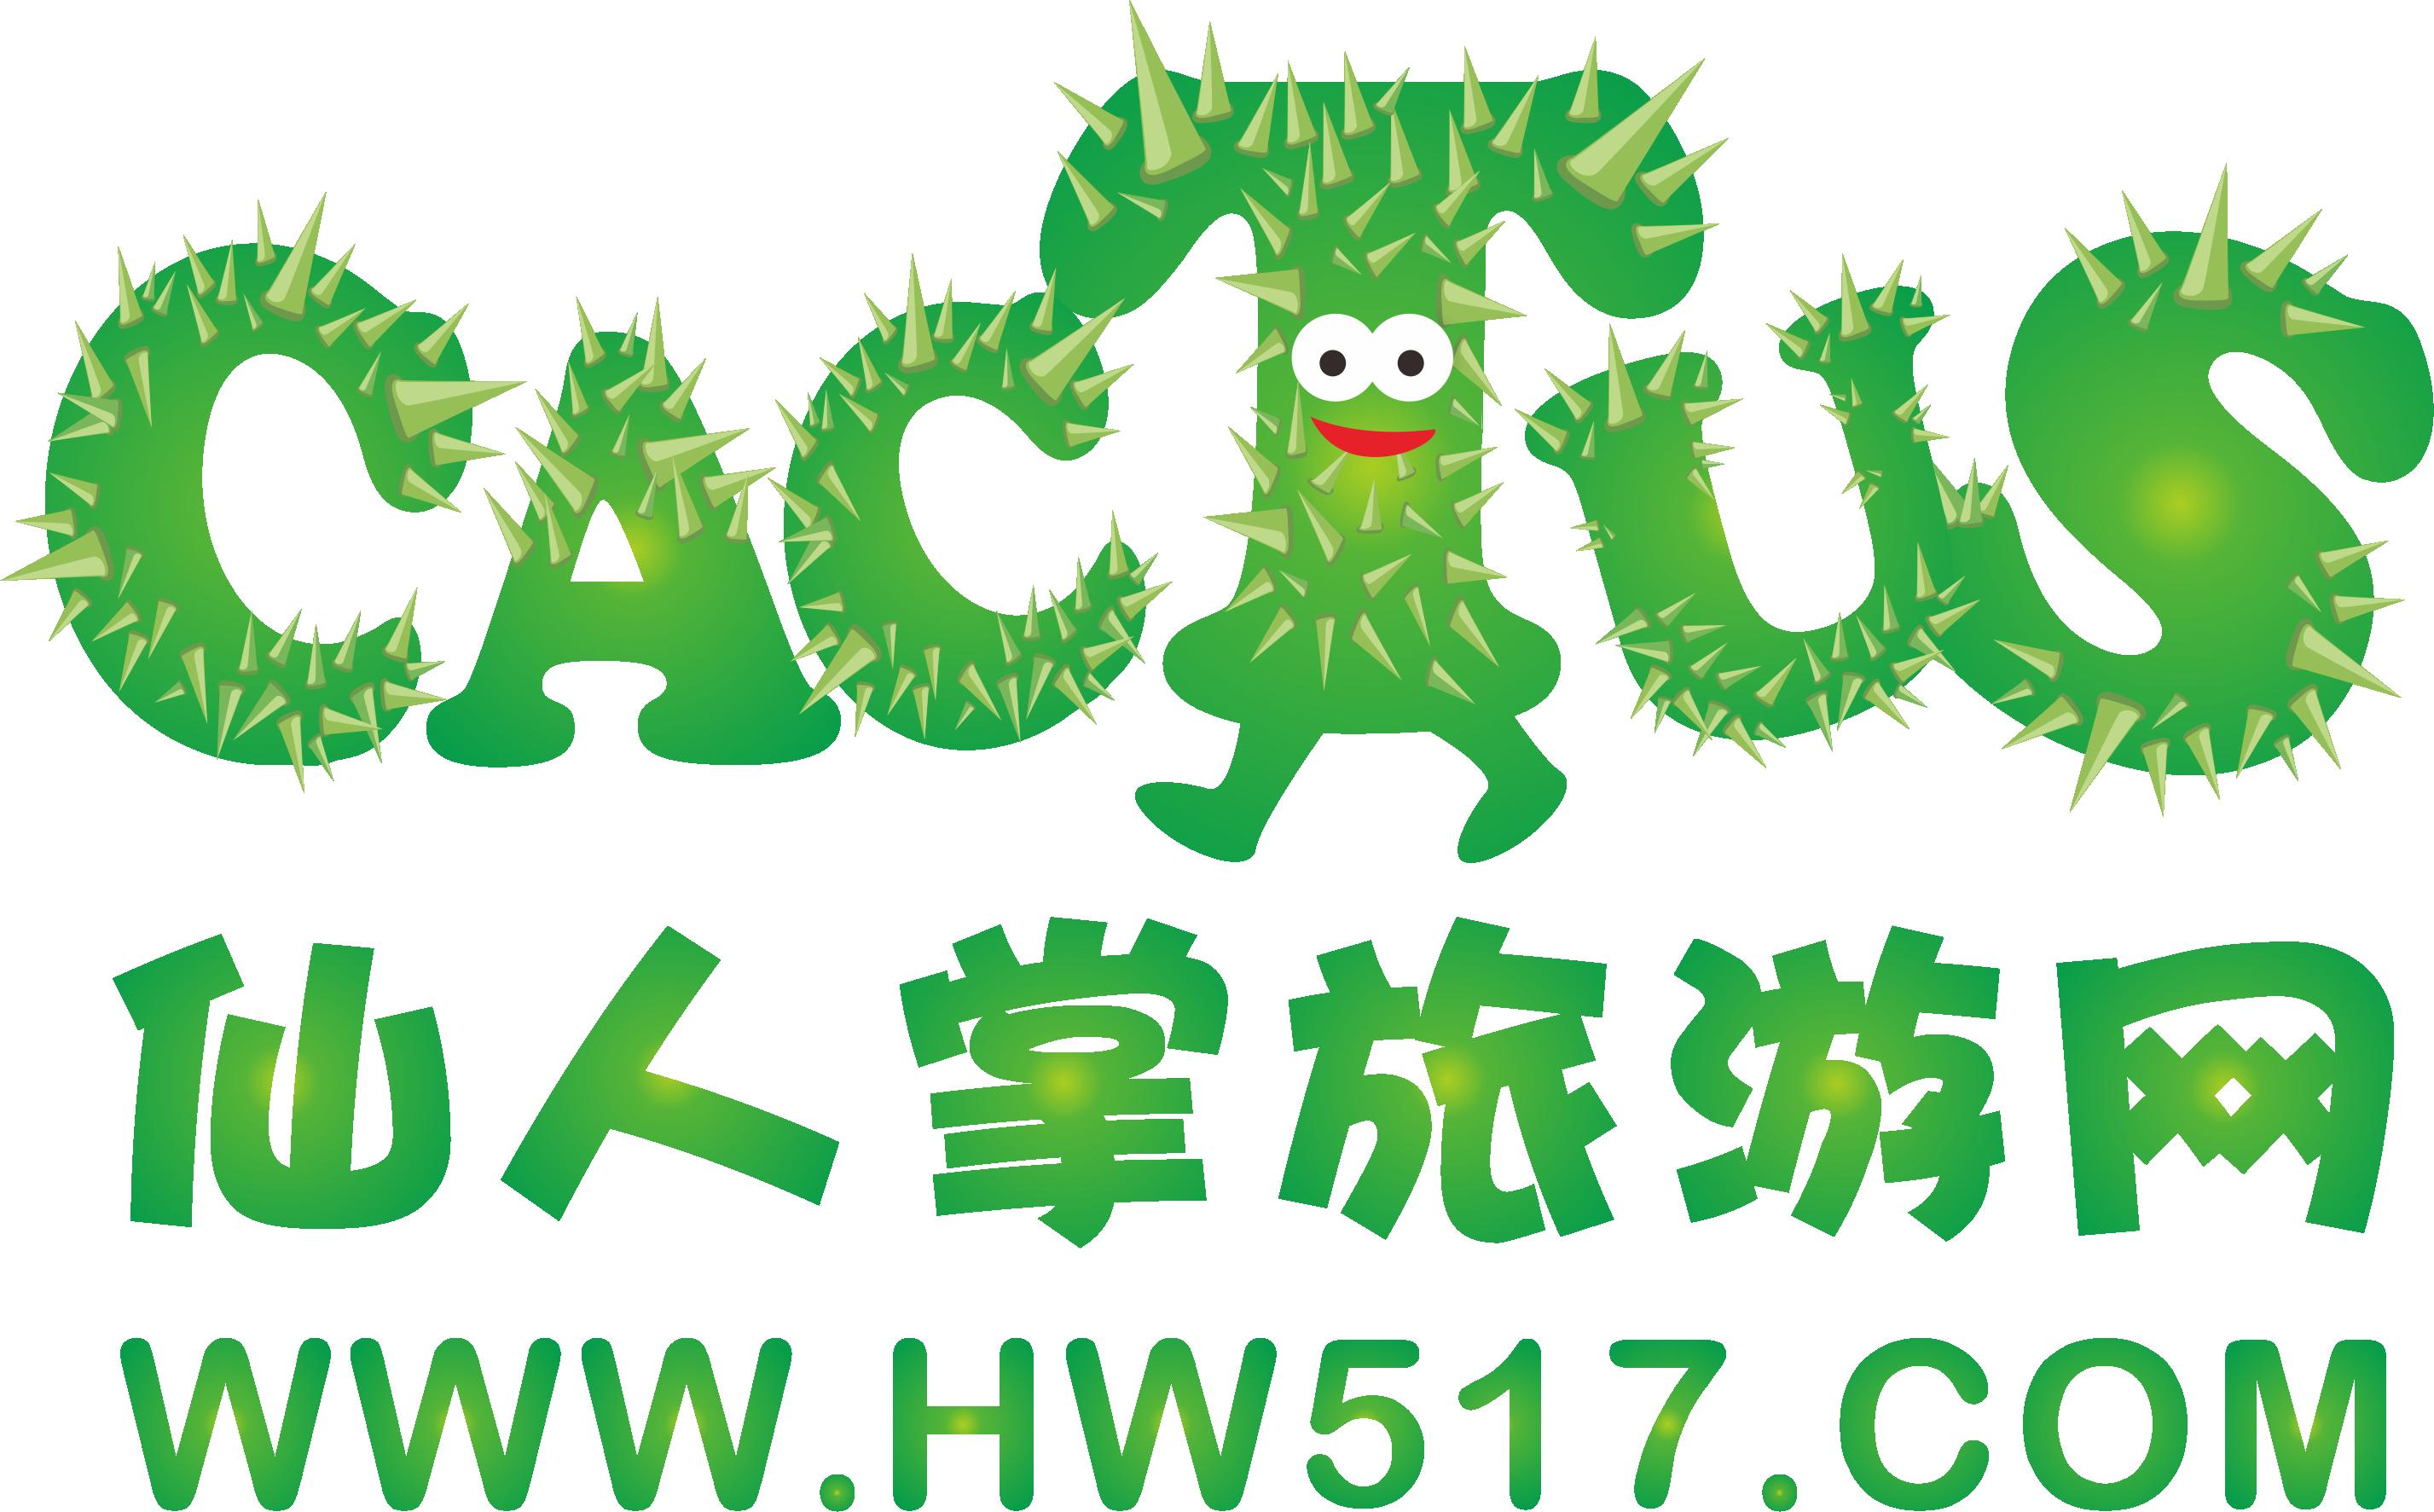 新线推荐!!!贵州铜仁、梵净山、亚木沟、凤凰古城四日升级版